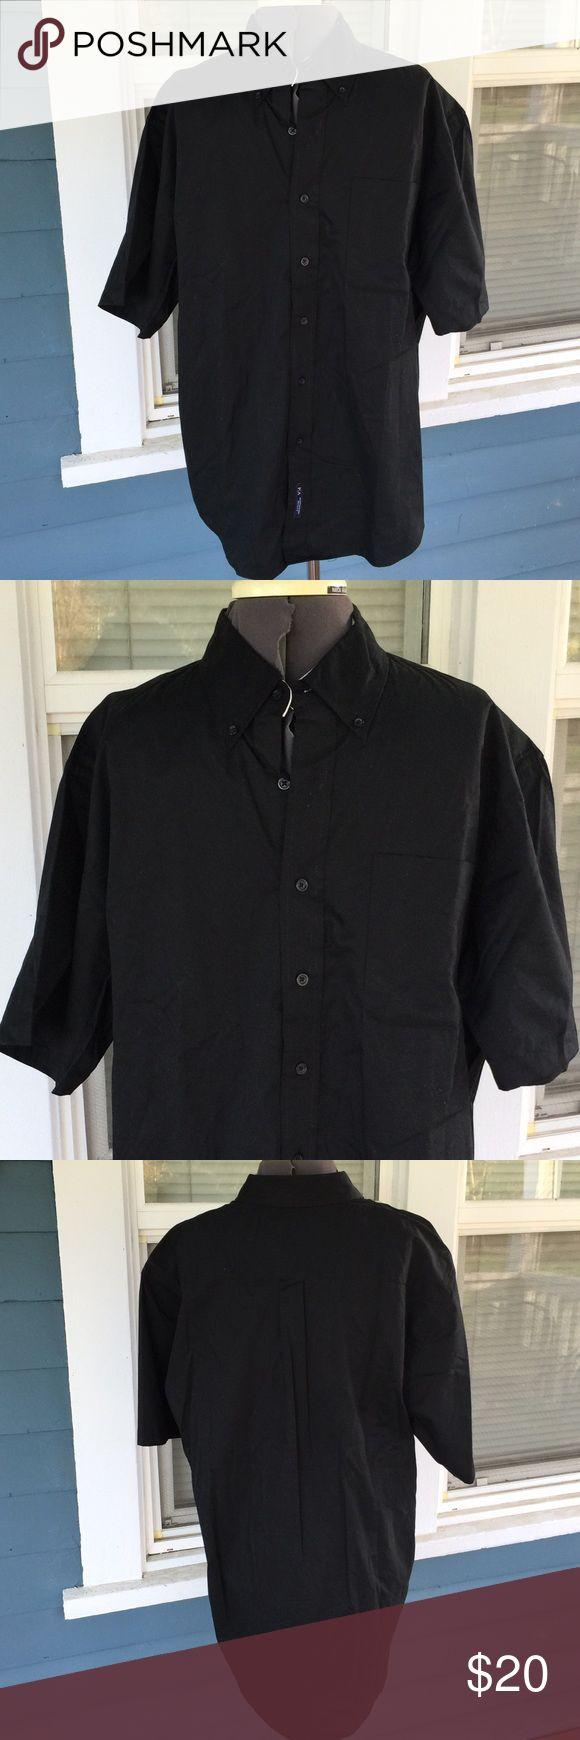 """Mens👔PORT AUTHORITY Black Button Shirt Mens👔PORT AUTHORITY Black Button Shirt.   Button down front.  Short sleeves.   Front pocket.   Slightly rounded hemline).   Shoulder width 21"""".  Length 26"""" (shoulder to sideseam hemline).   NWOT Port Authority Shirts Dress Shirts"""